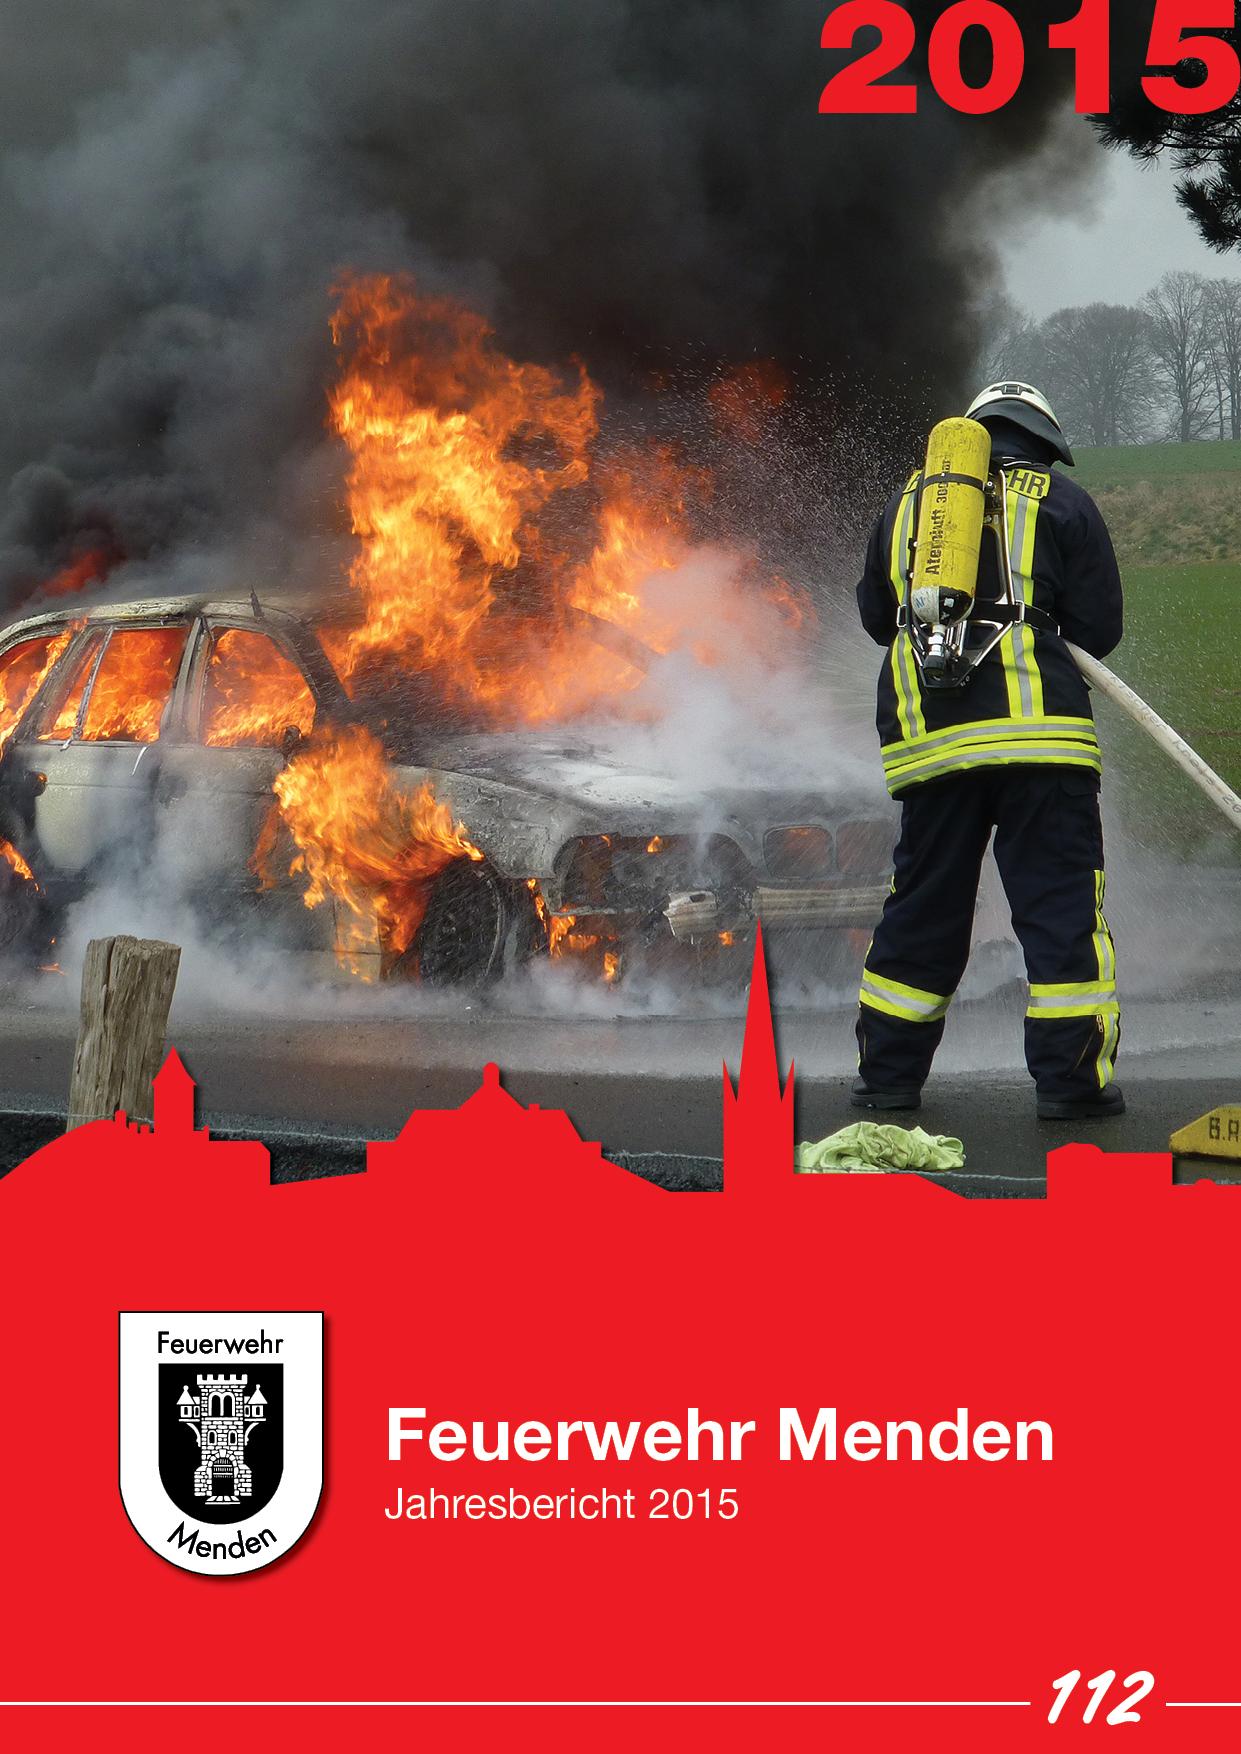 Jahresbericht 2015 der Feuerwehr Menden